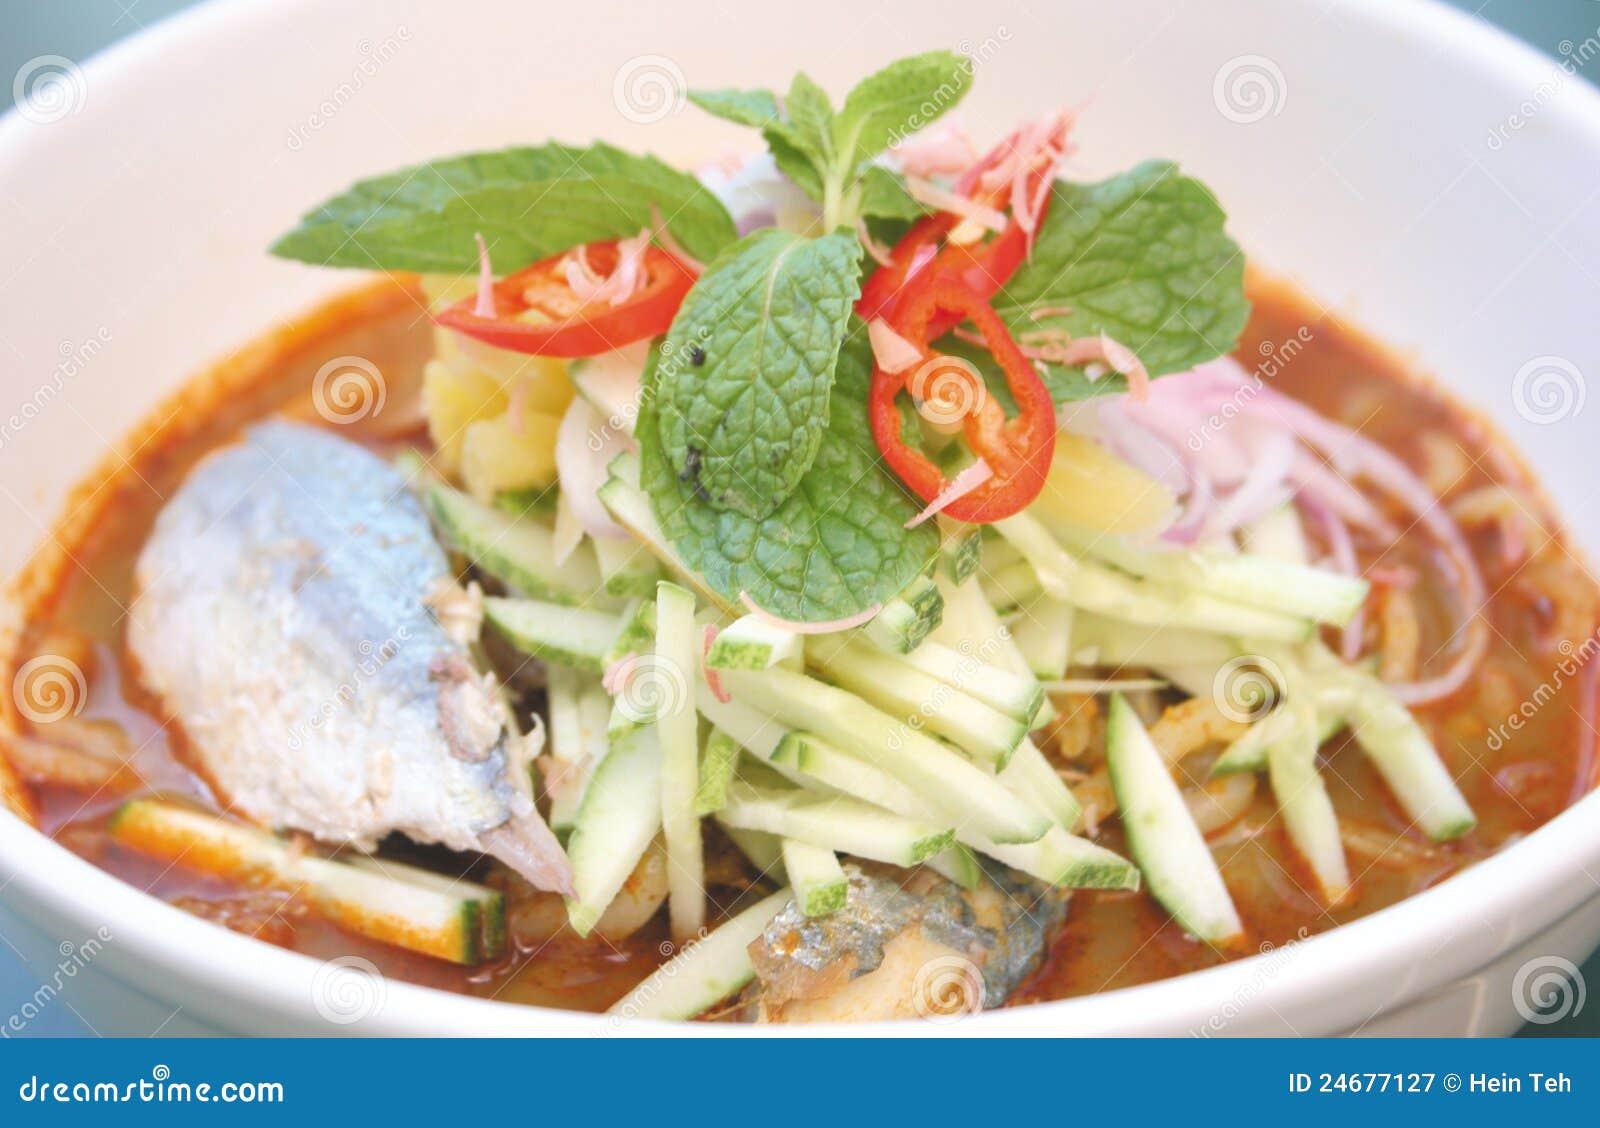 Asam Laksa Noodle Kampung Fish Or Penang Laksa Royalty Free Stock